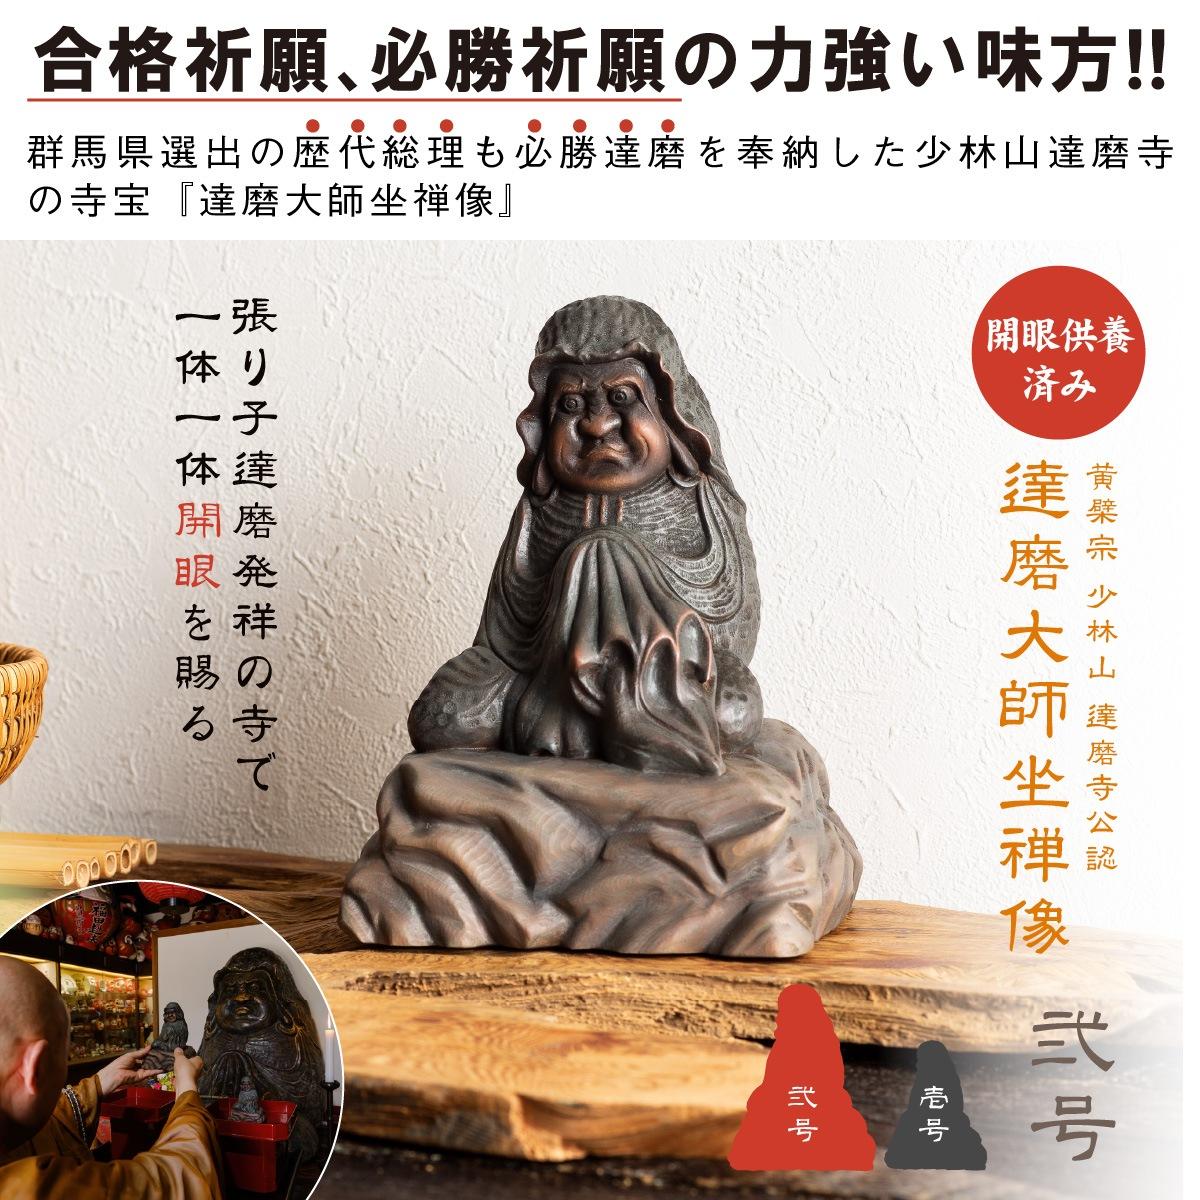 達磨大師坐禅像 弐号